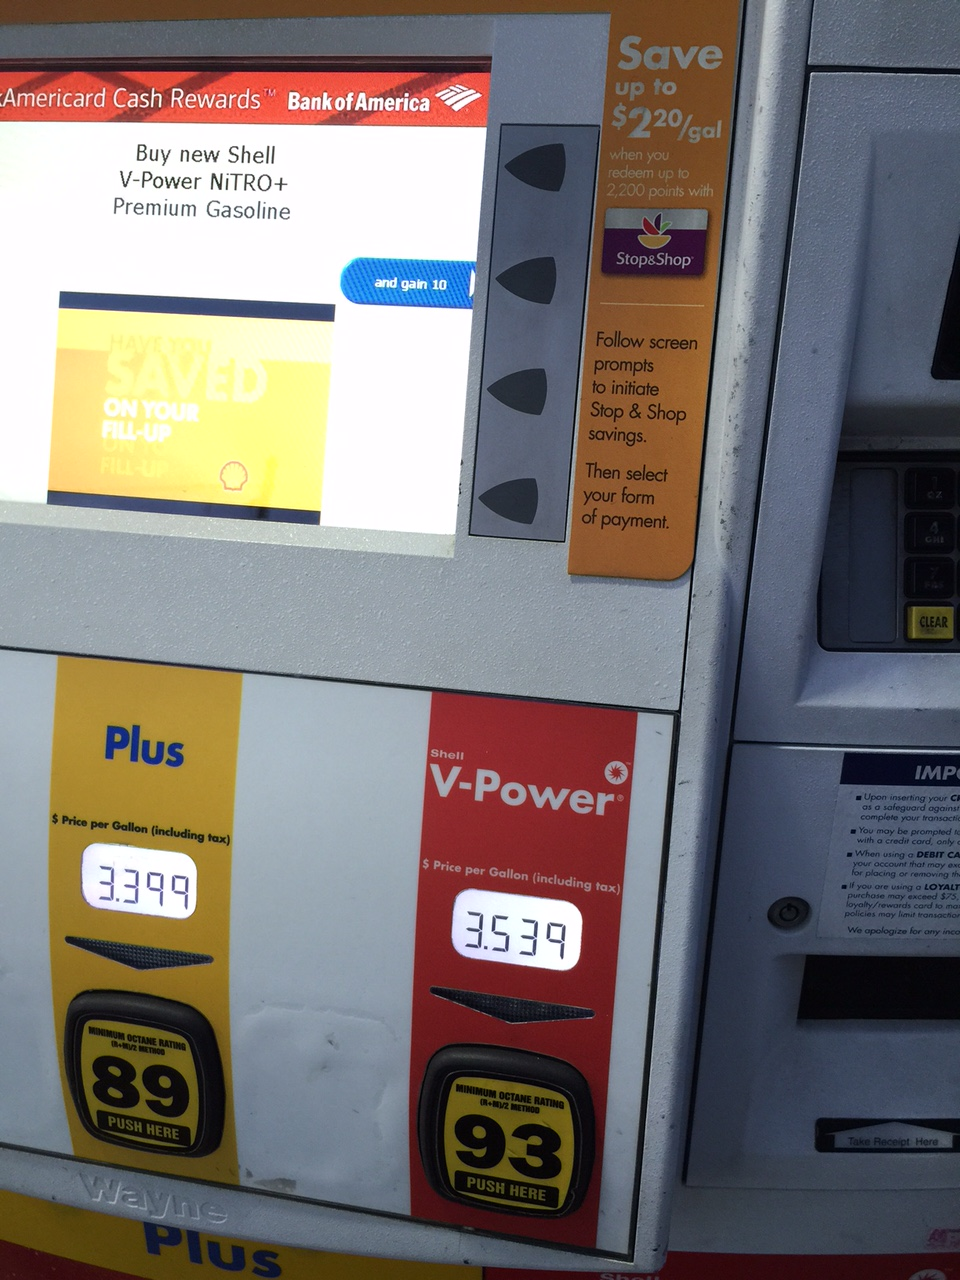 shell nitro+ premium gasoline